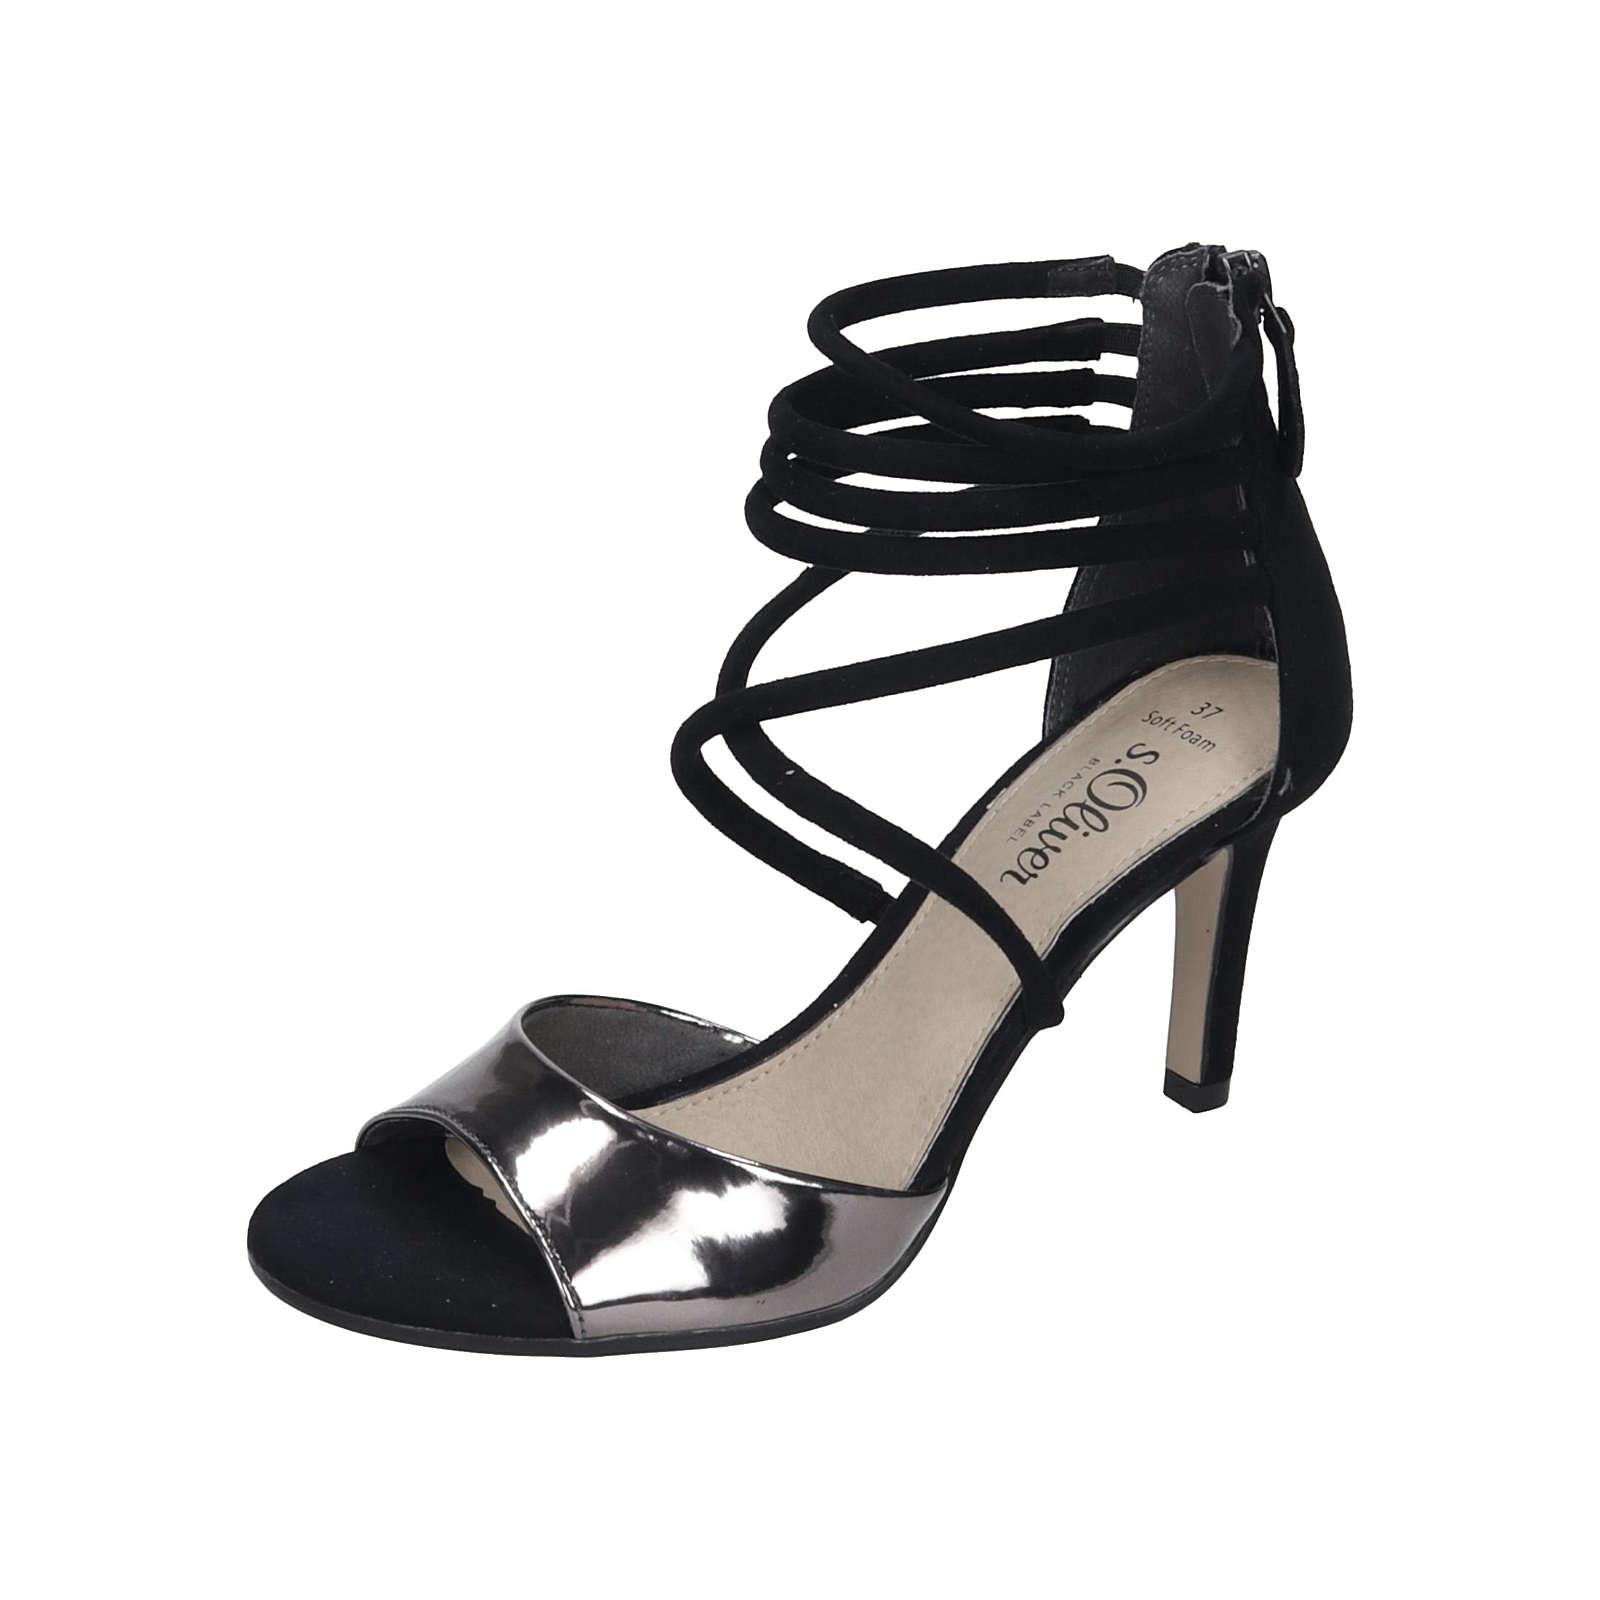 s.Oliver Shoes S. Oliver Damen Sandalette Plateau-Sandaletten schwarz Damen Gr. 39